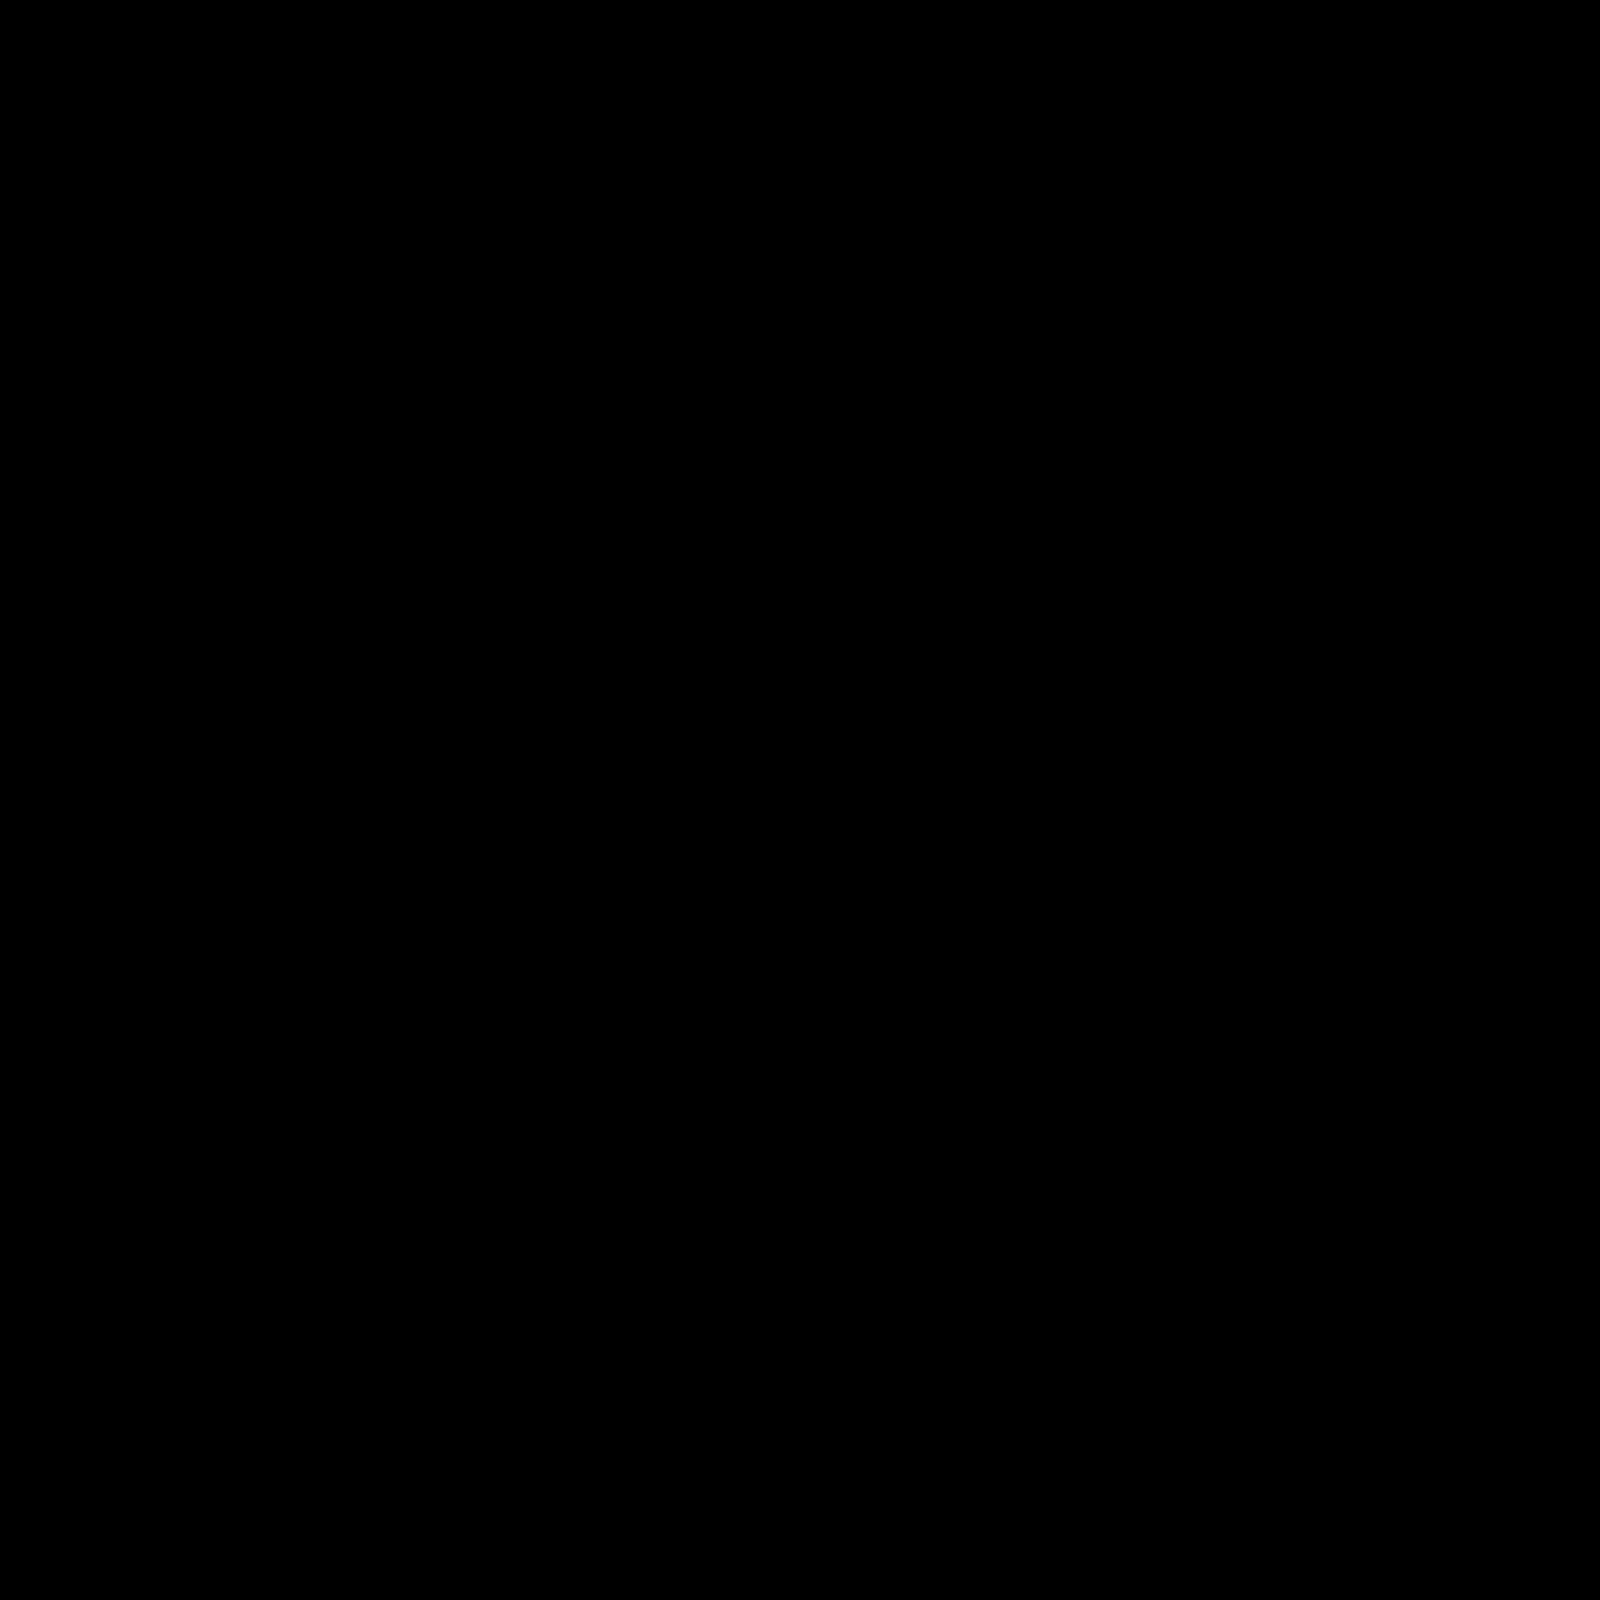 Płyn do spryskiwaczy icon